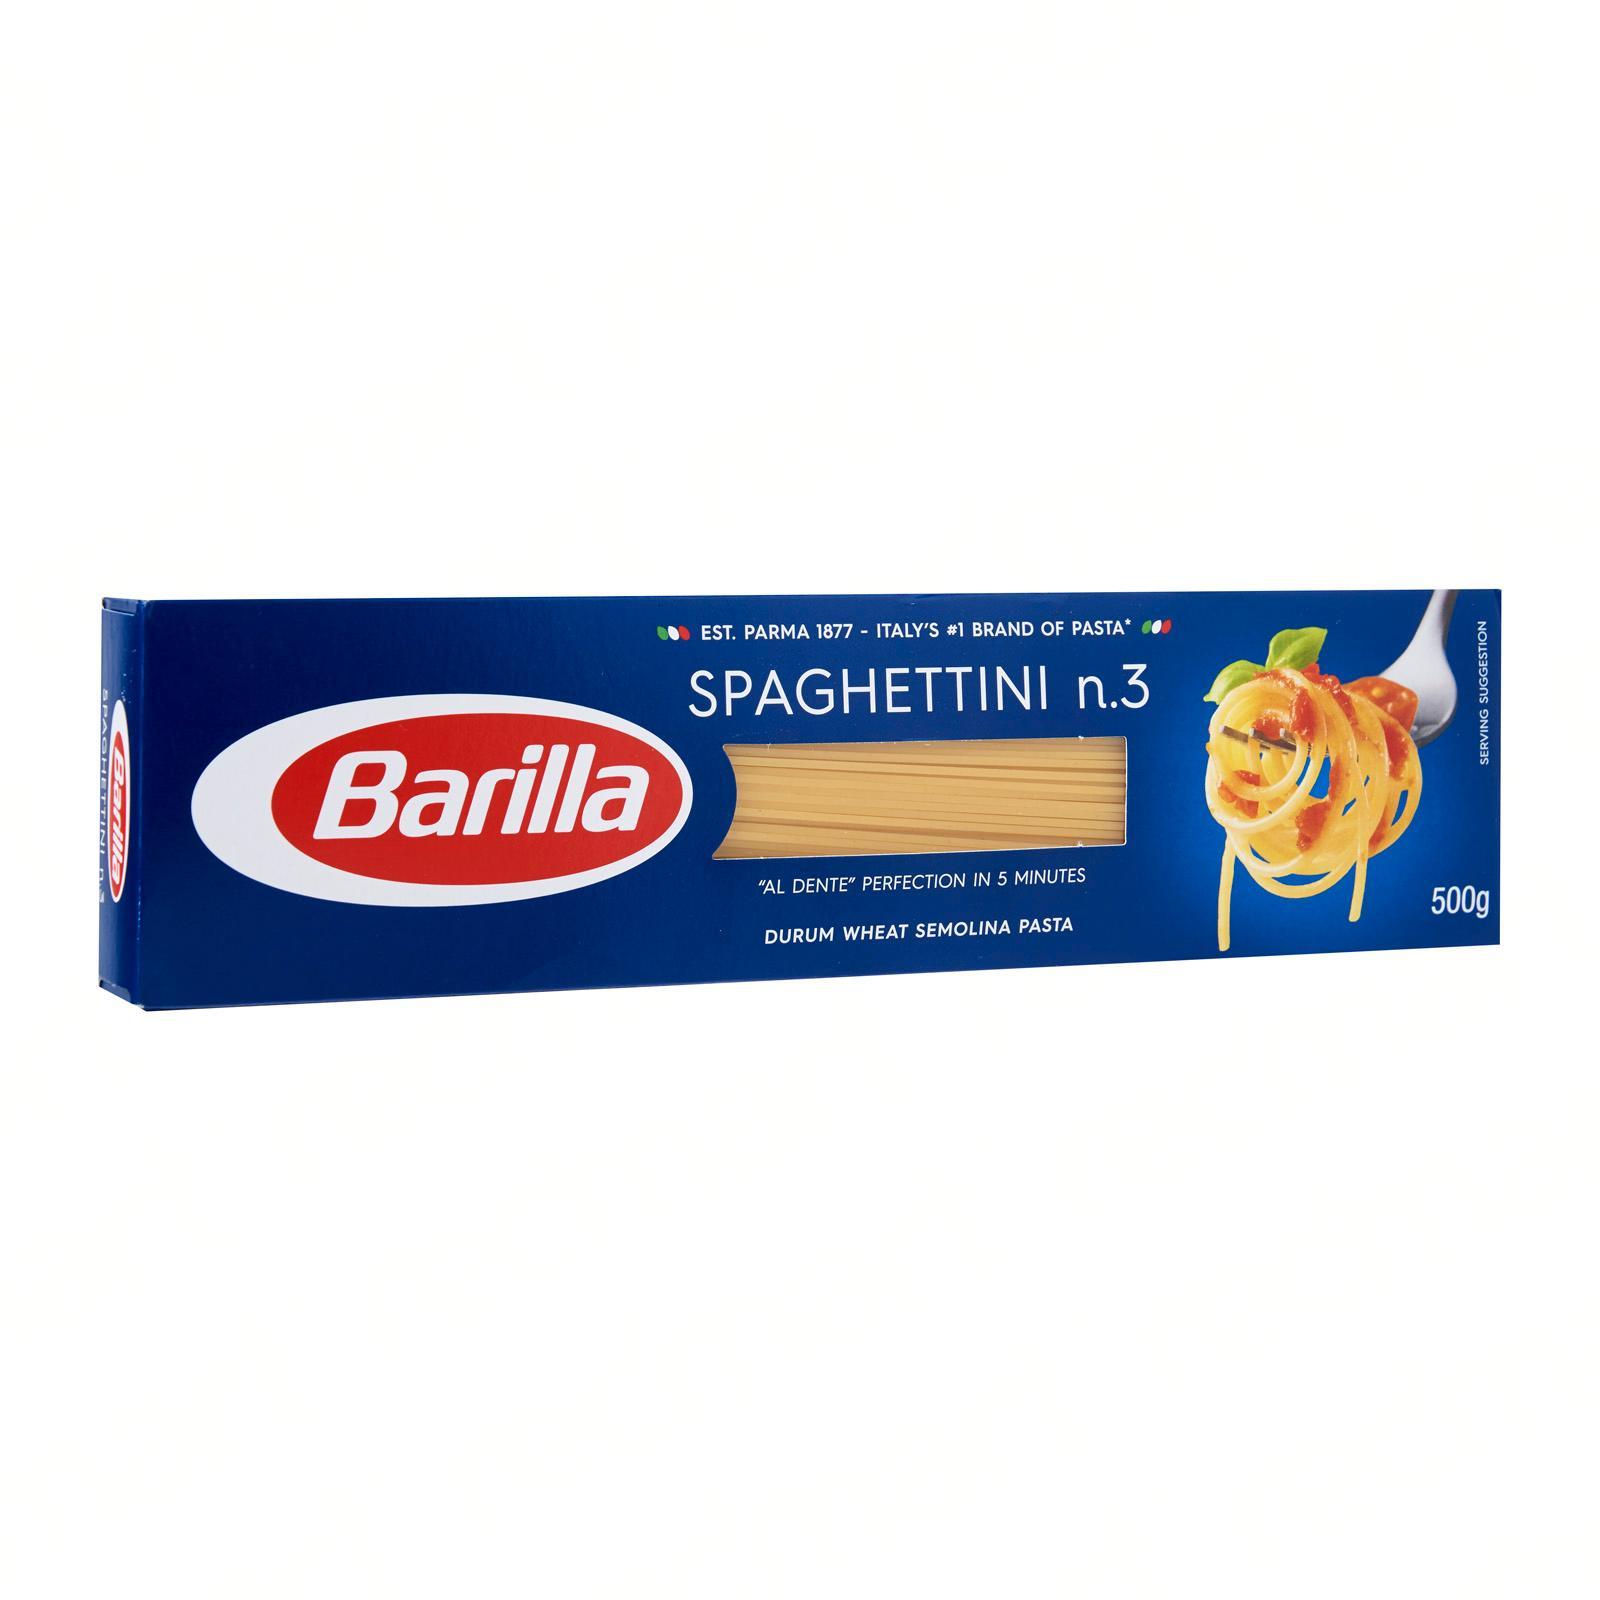 Barilla Pasta Spaghettini No.3